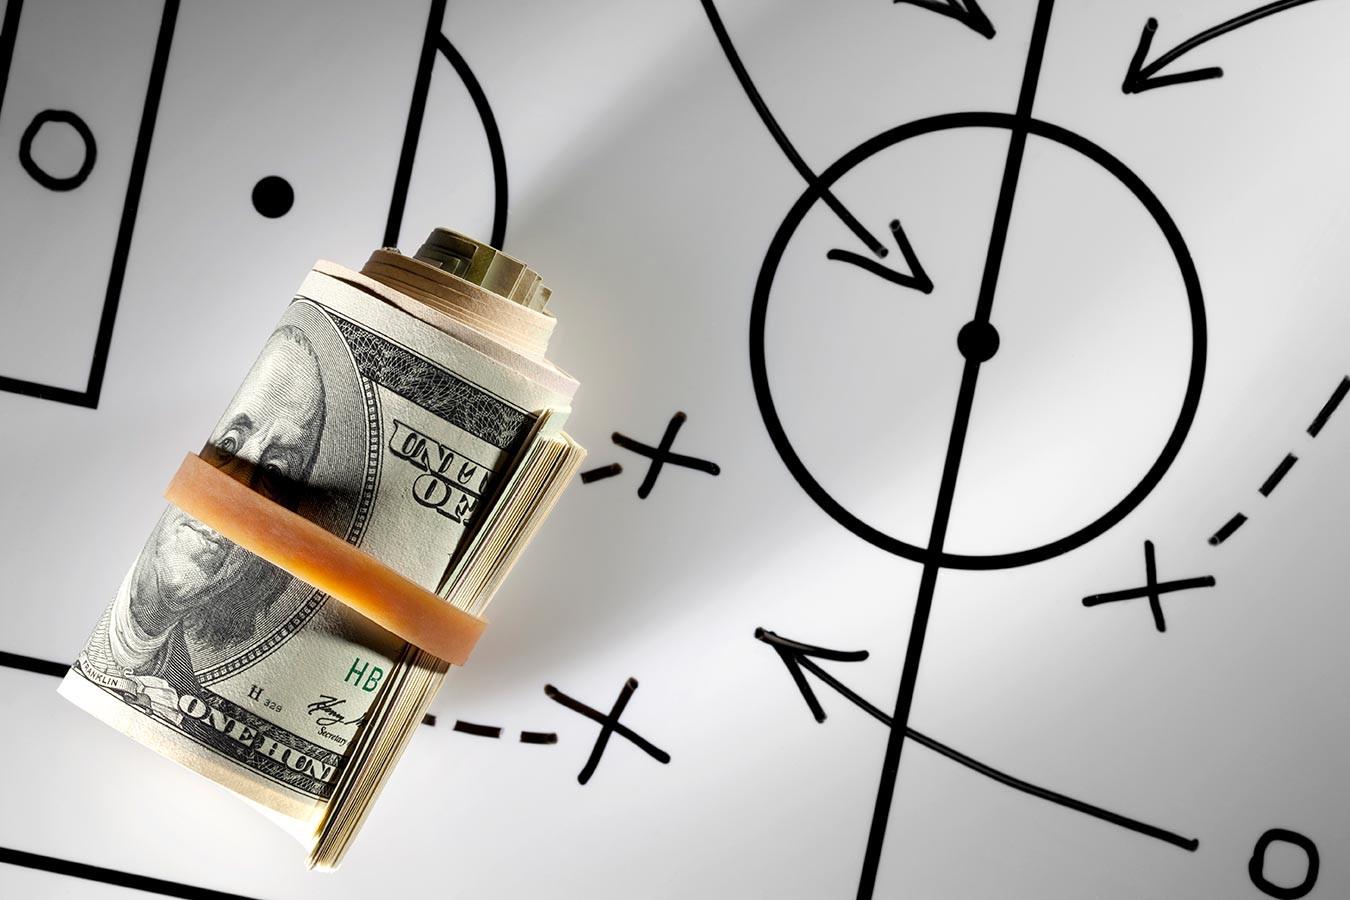 Ставки спорт на валуйные точные ставки на футбол бесплатно